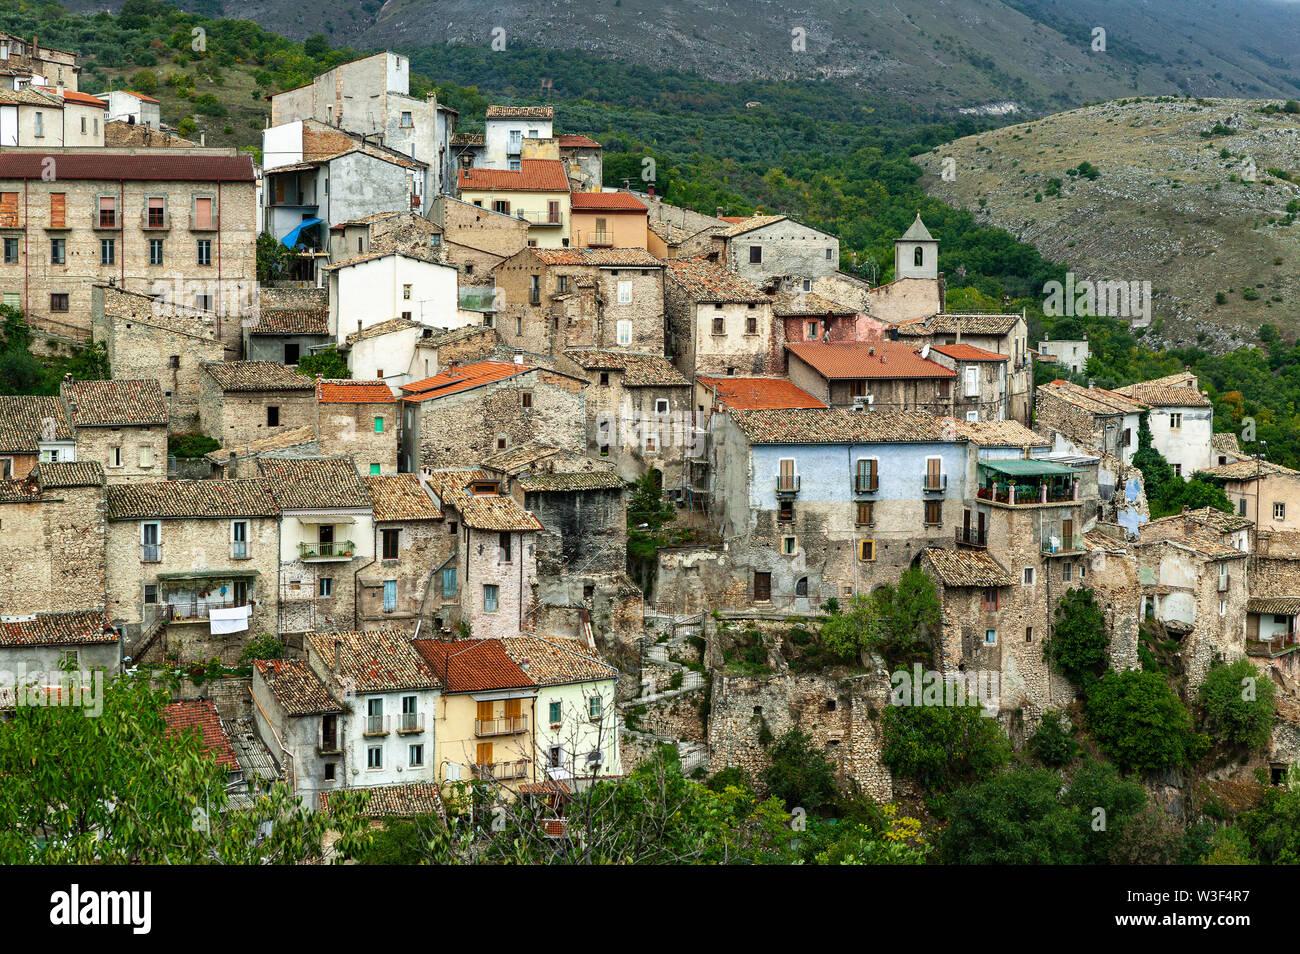 small hillside village of Prezza - Stock Image